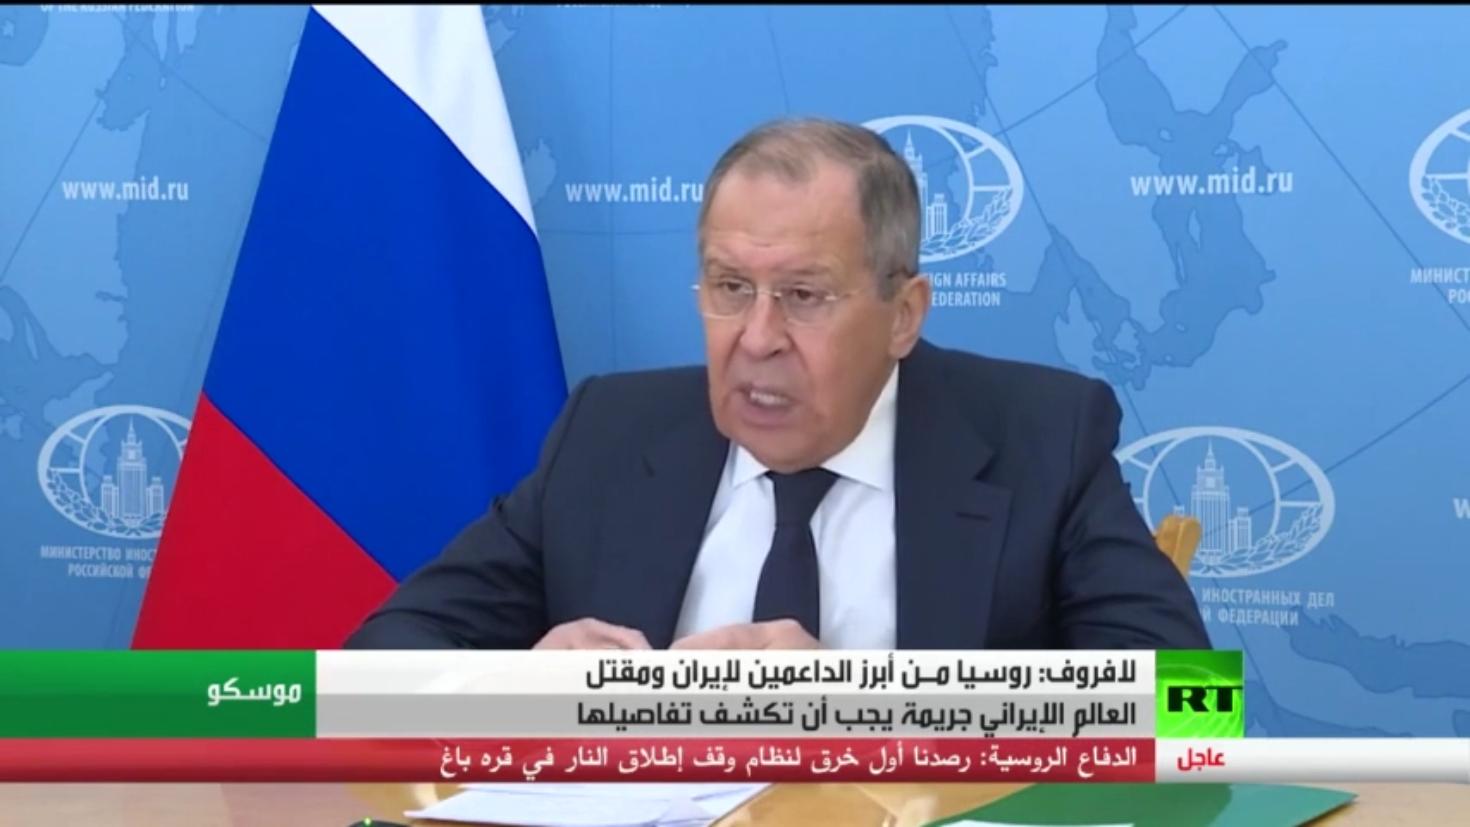 موسكو: ندعم إيران في مواجهة العقوبات